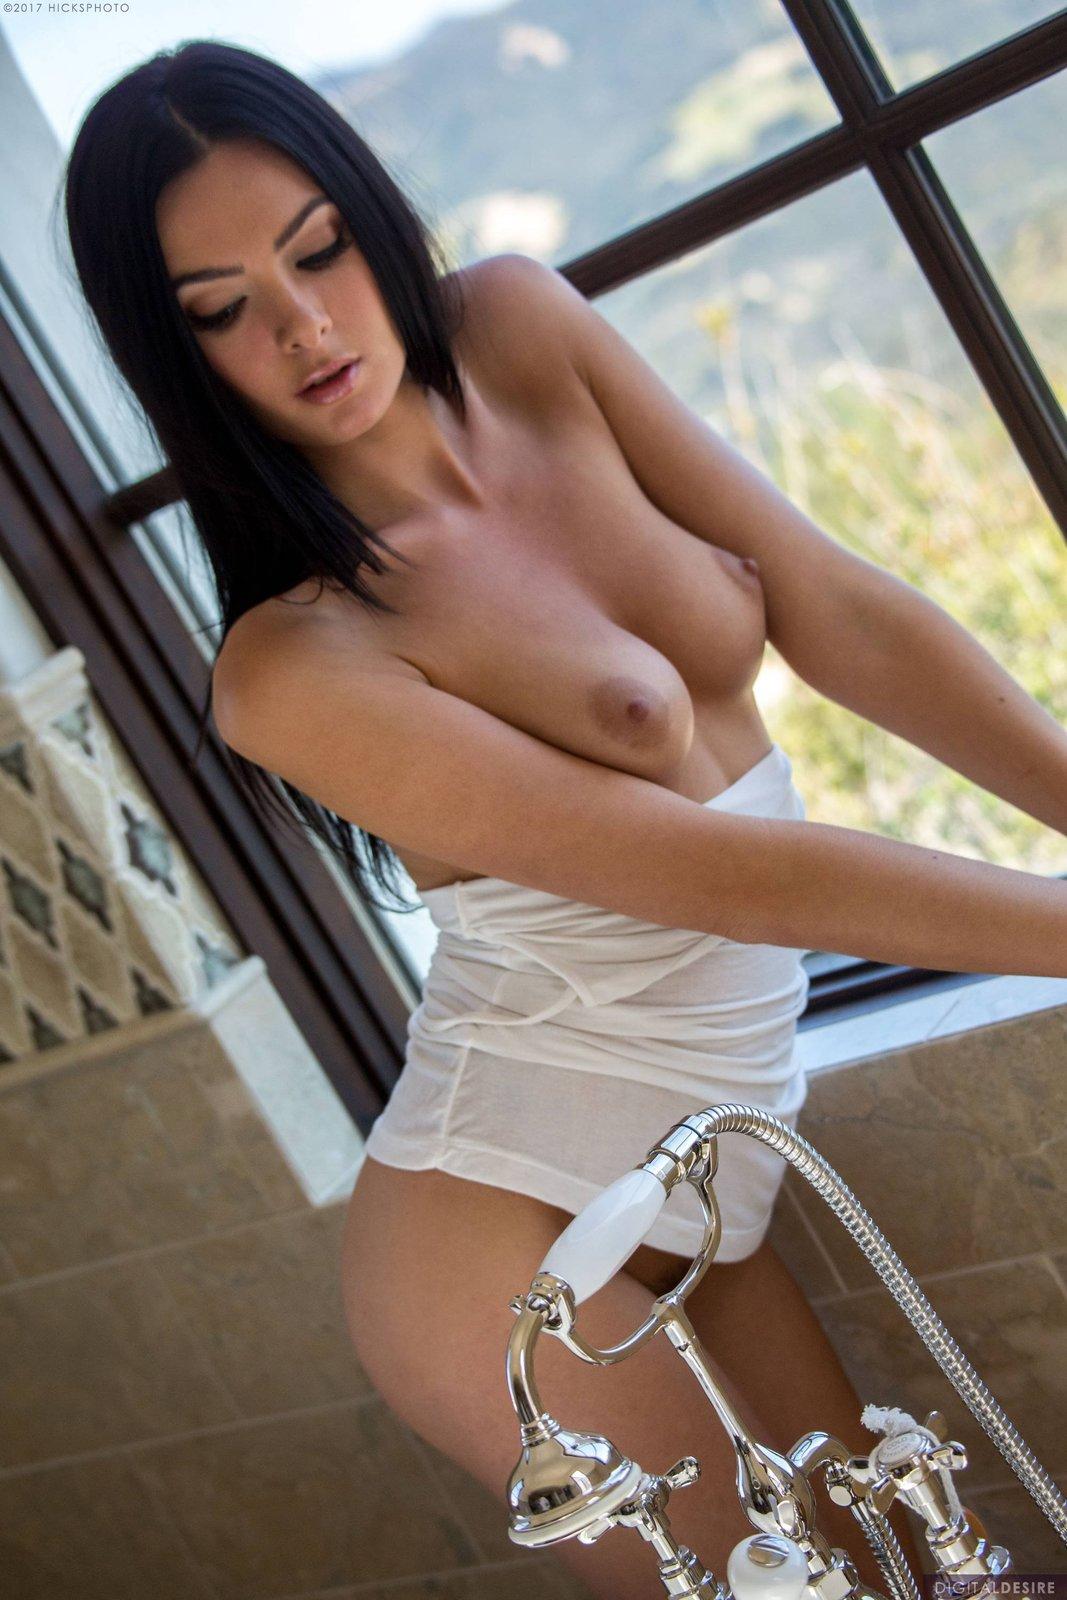 Zdjęcie porno - 1018 - Seksowna Latynoska